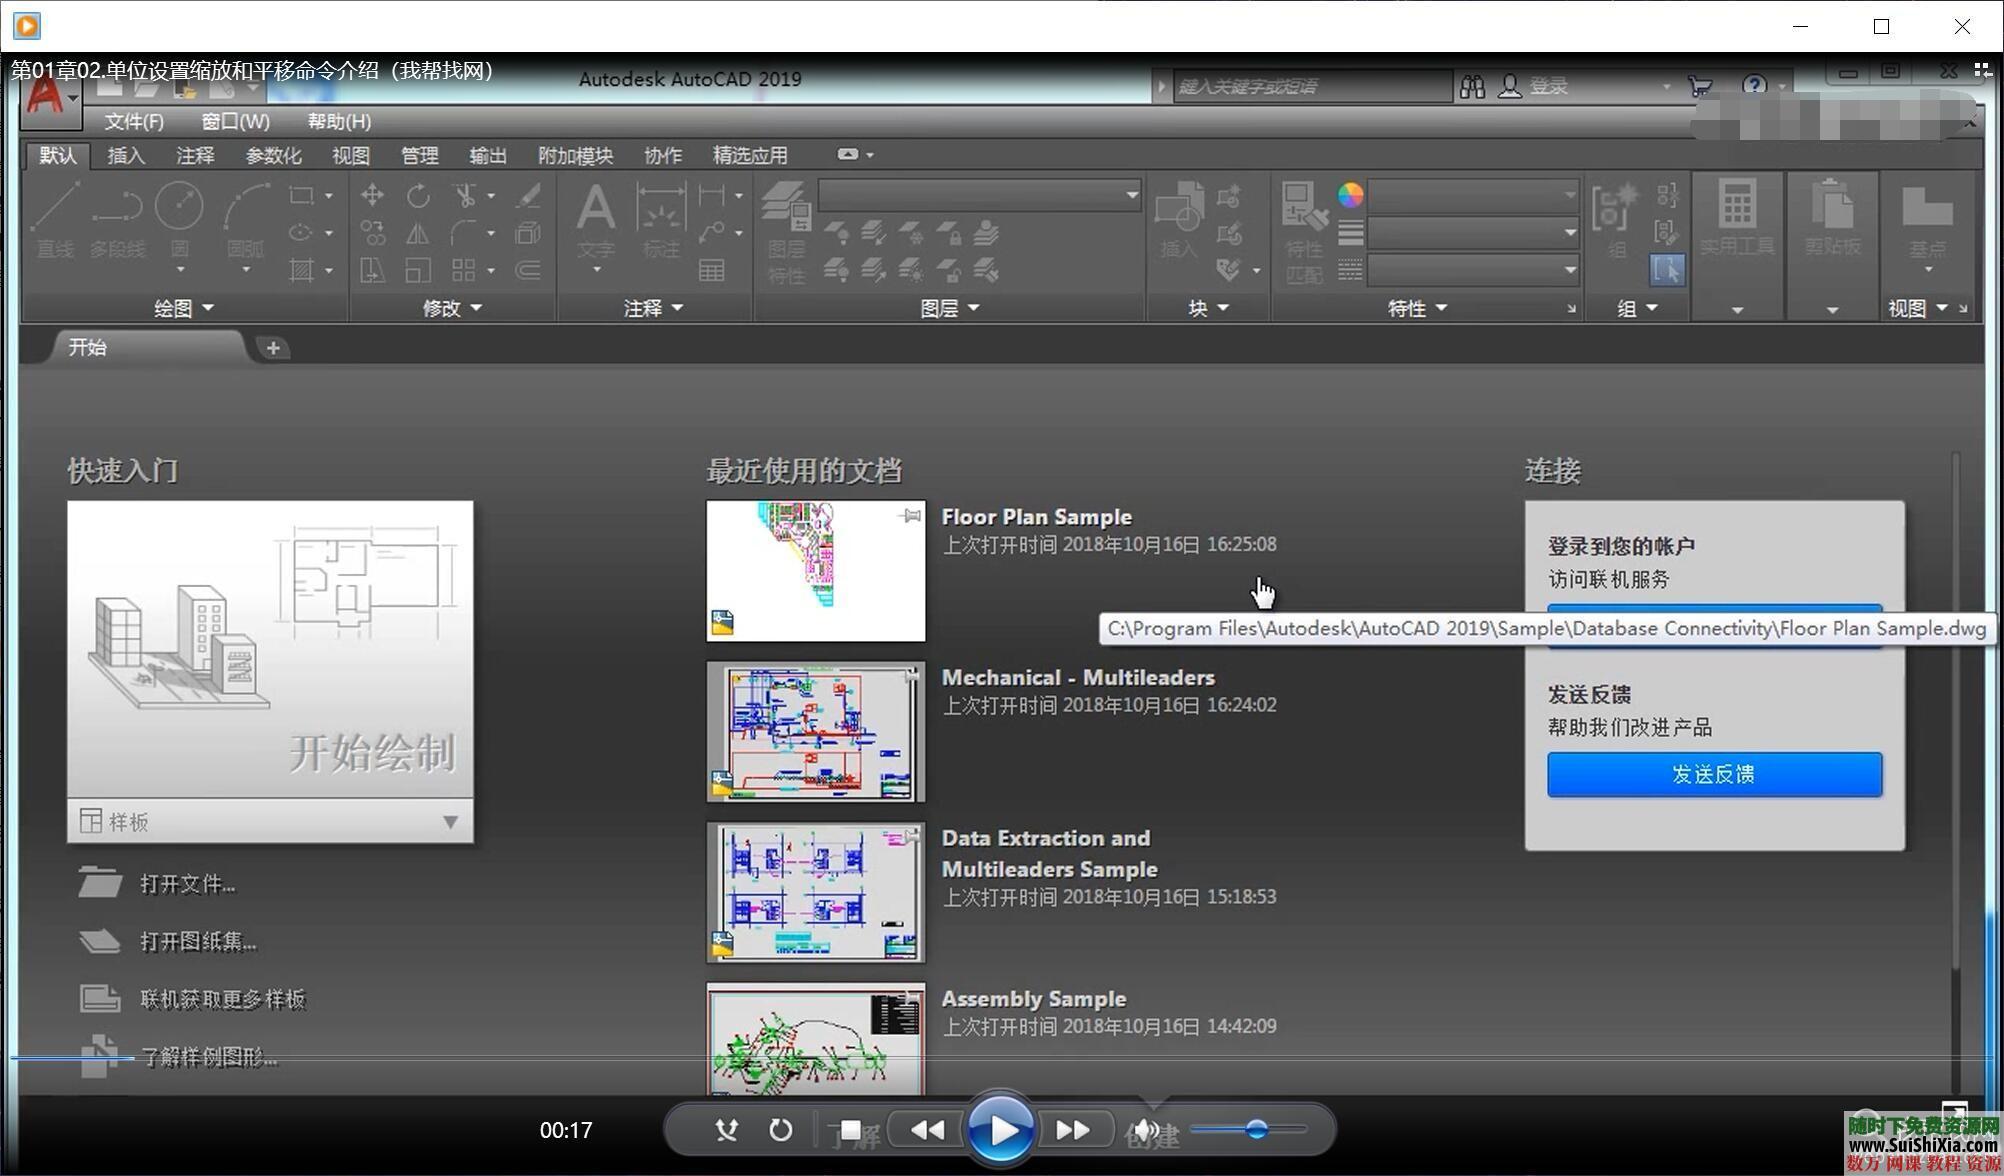 CAD2019零基础入门到精通视频,基本绘图、高级绘图、文字表格、三维建模等 第4张